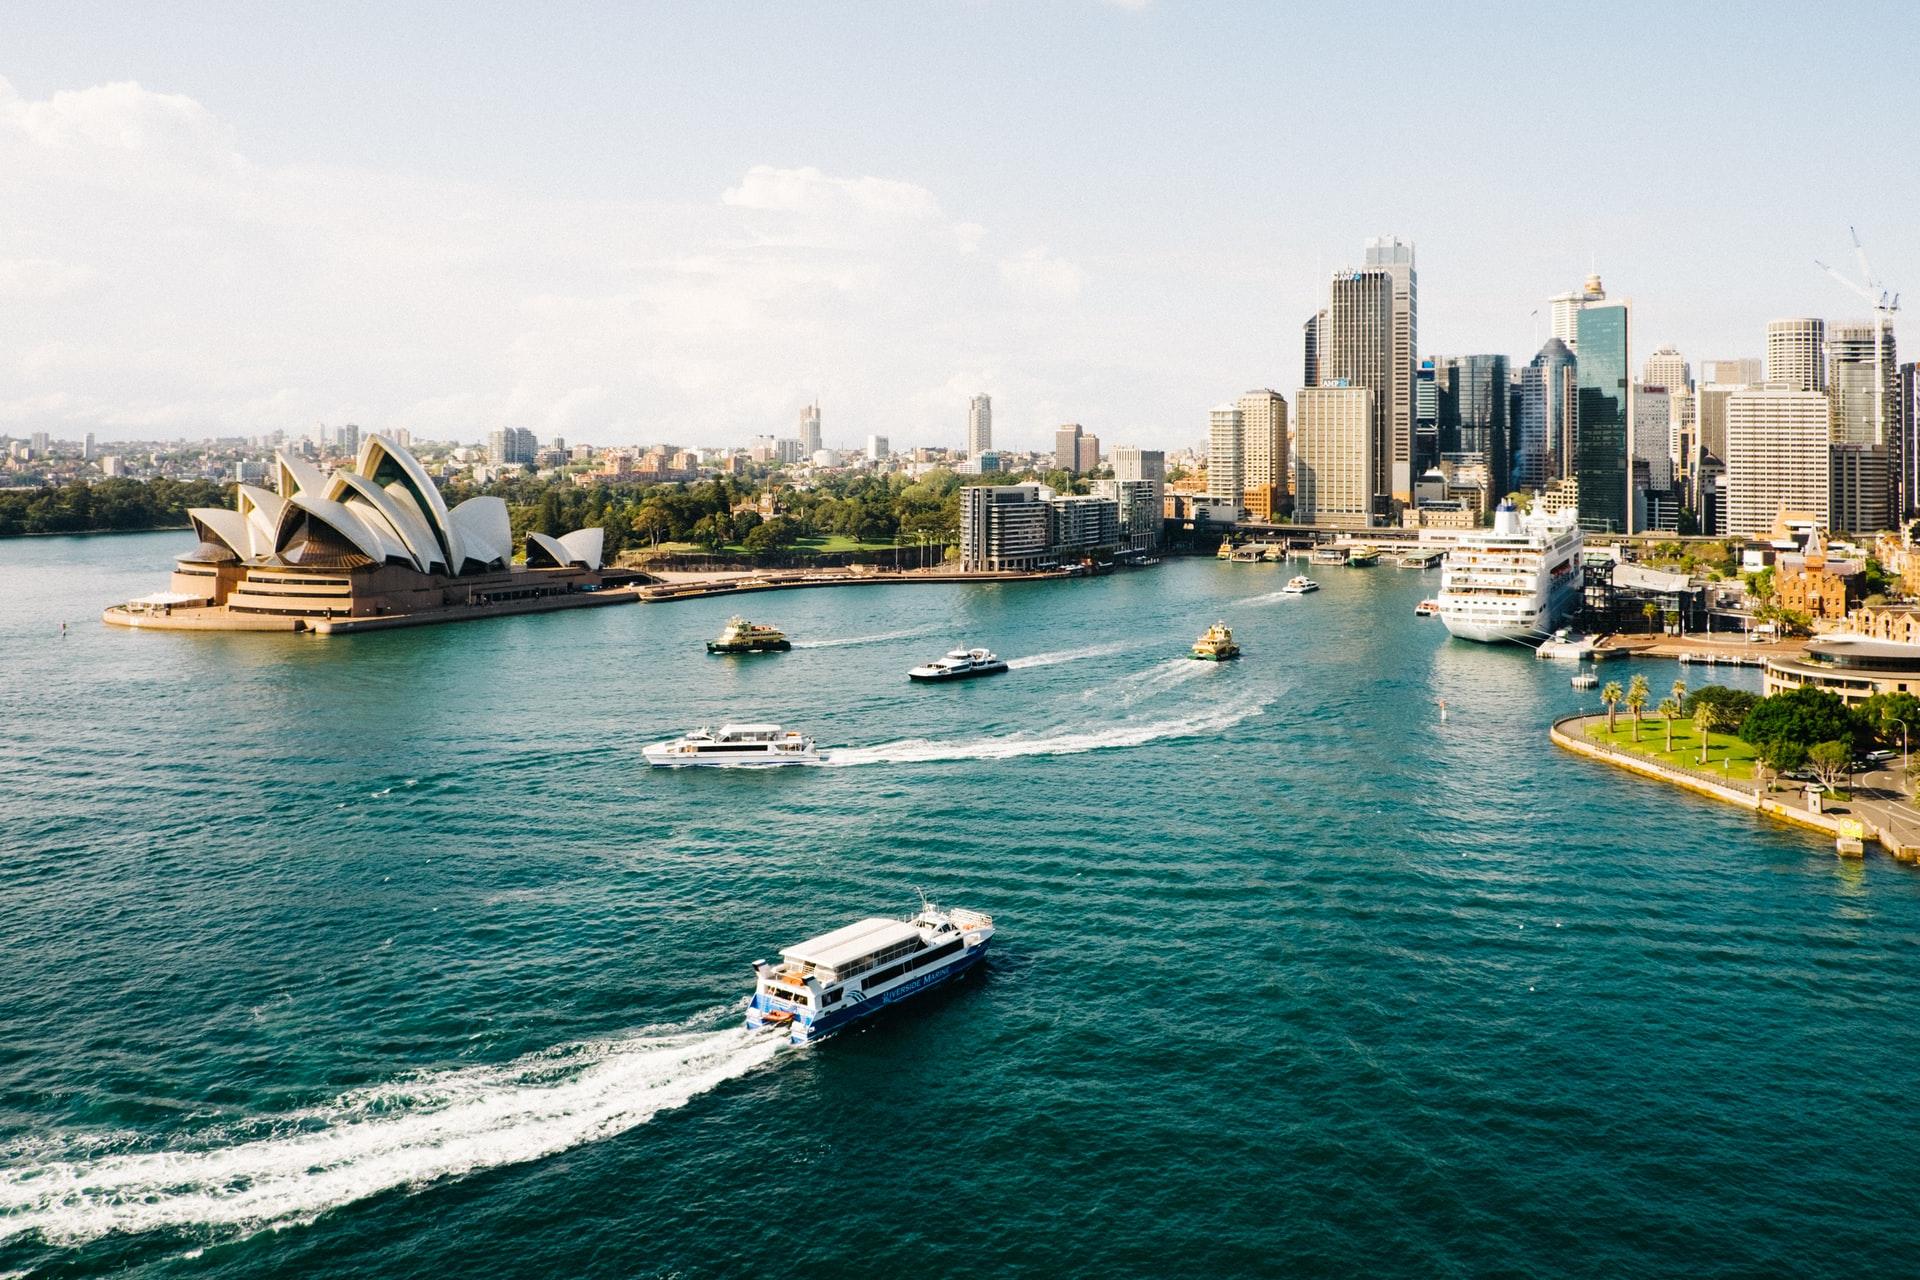 オーストラリア移民の人口